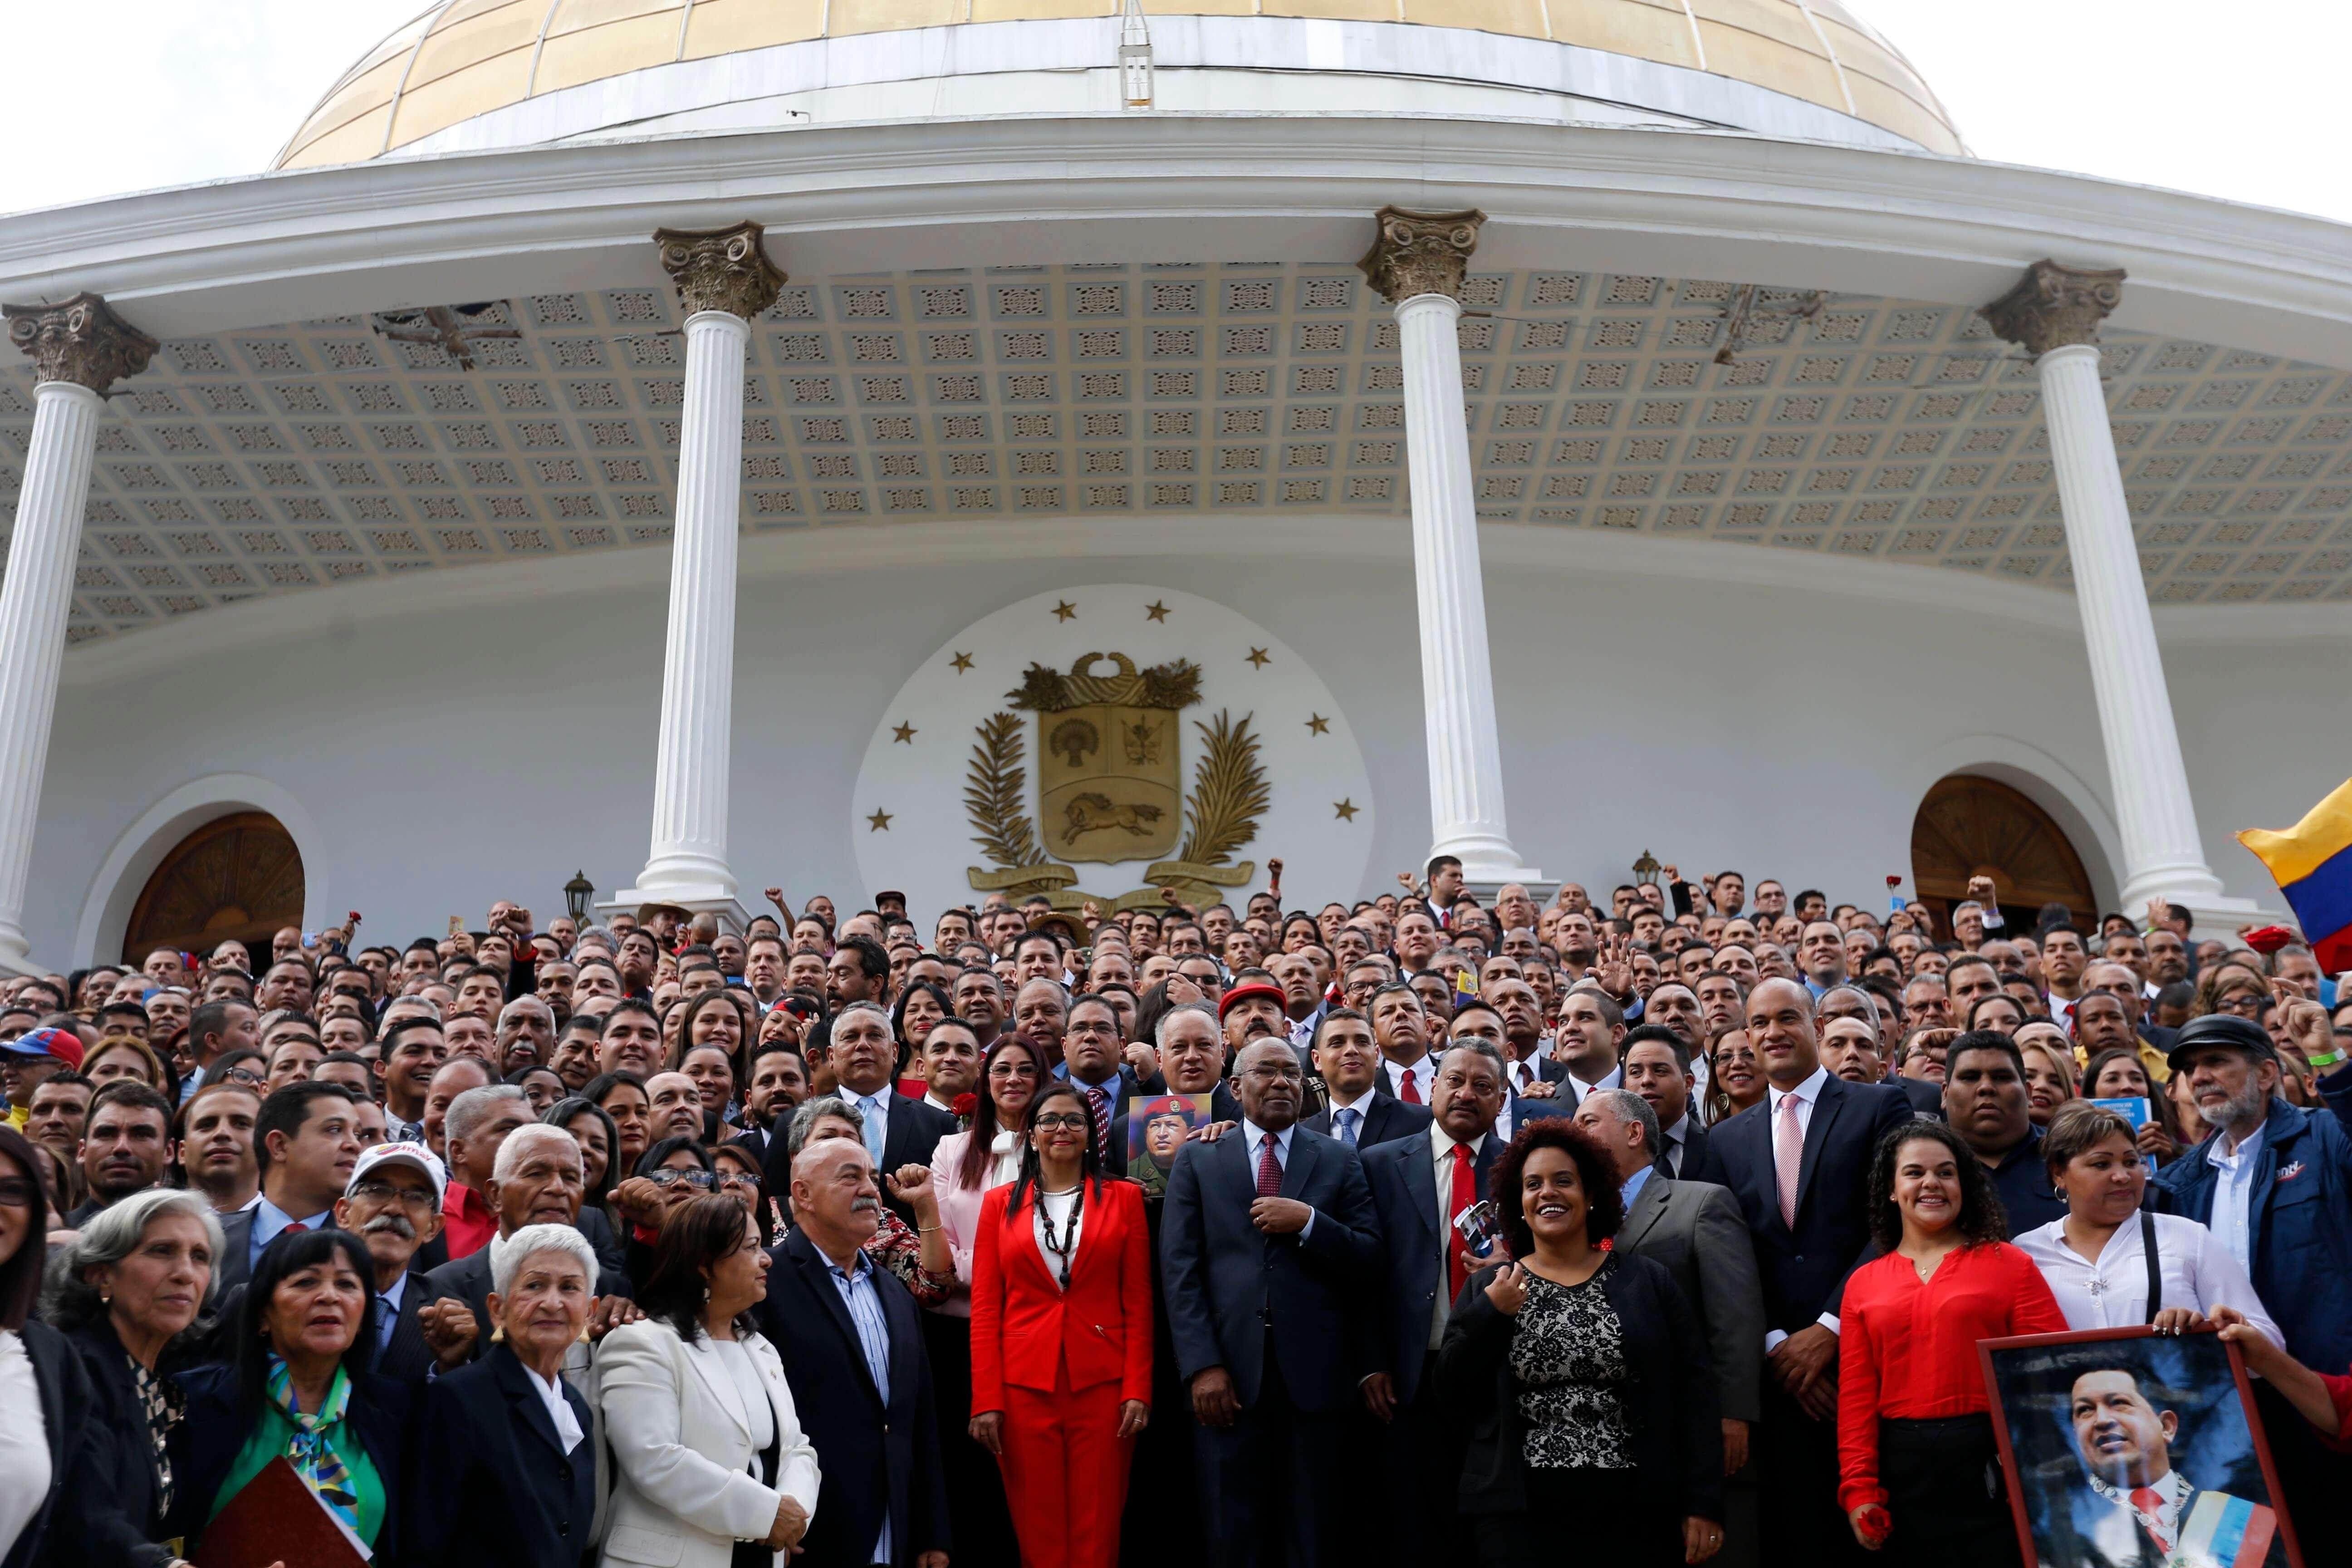 Asamblea Nacional sesionará el próximo lunes en el Palacio Federal Legislativo